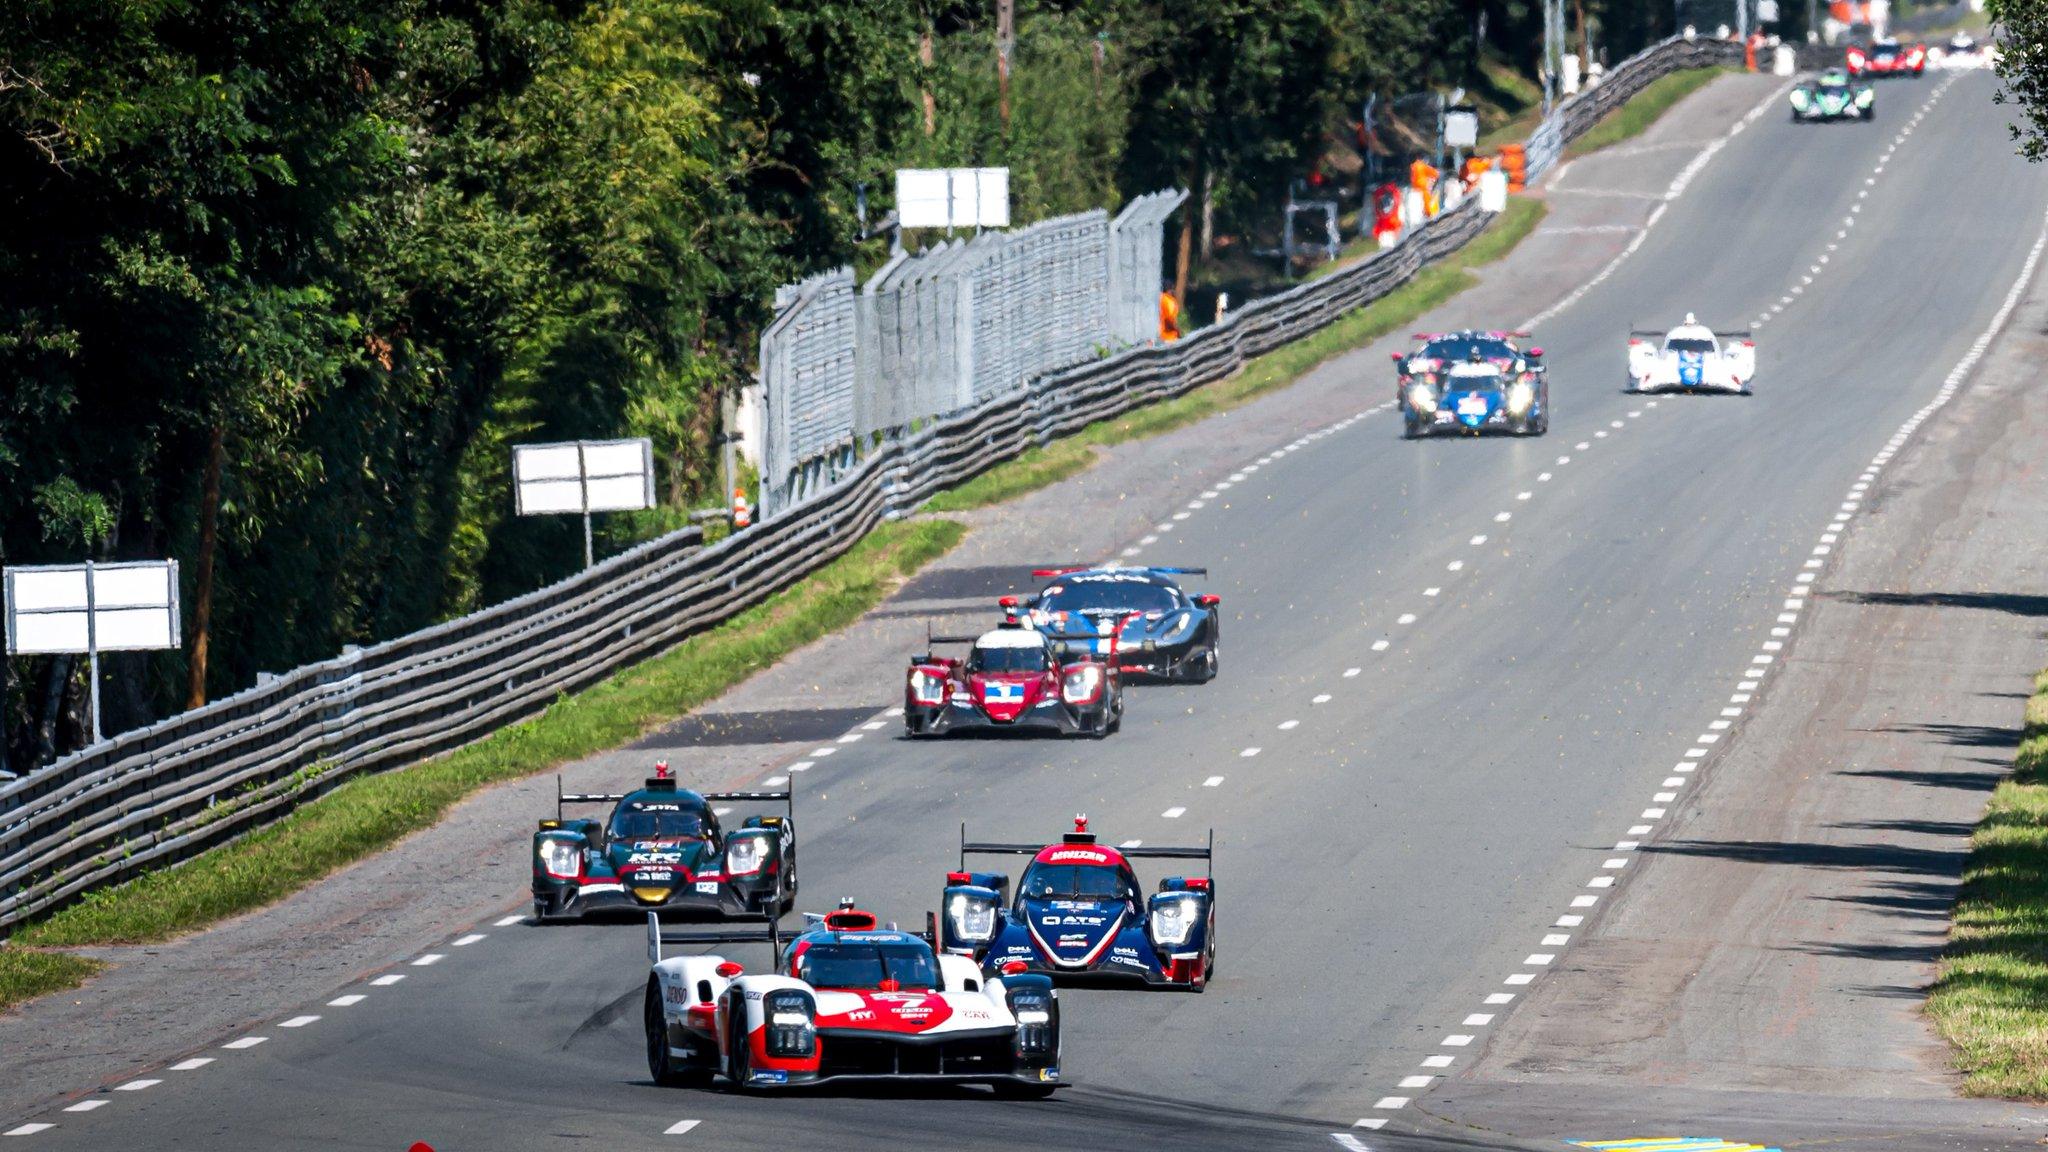 Le Mans 2021: Test Day